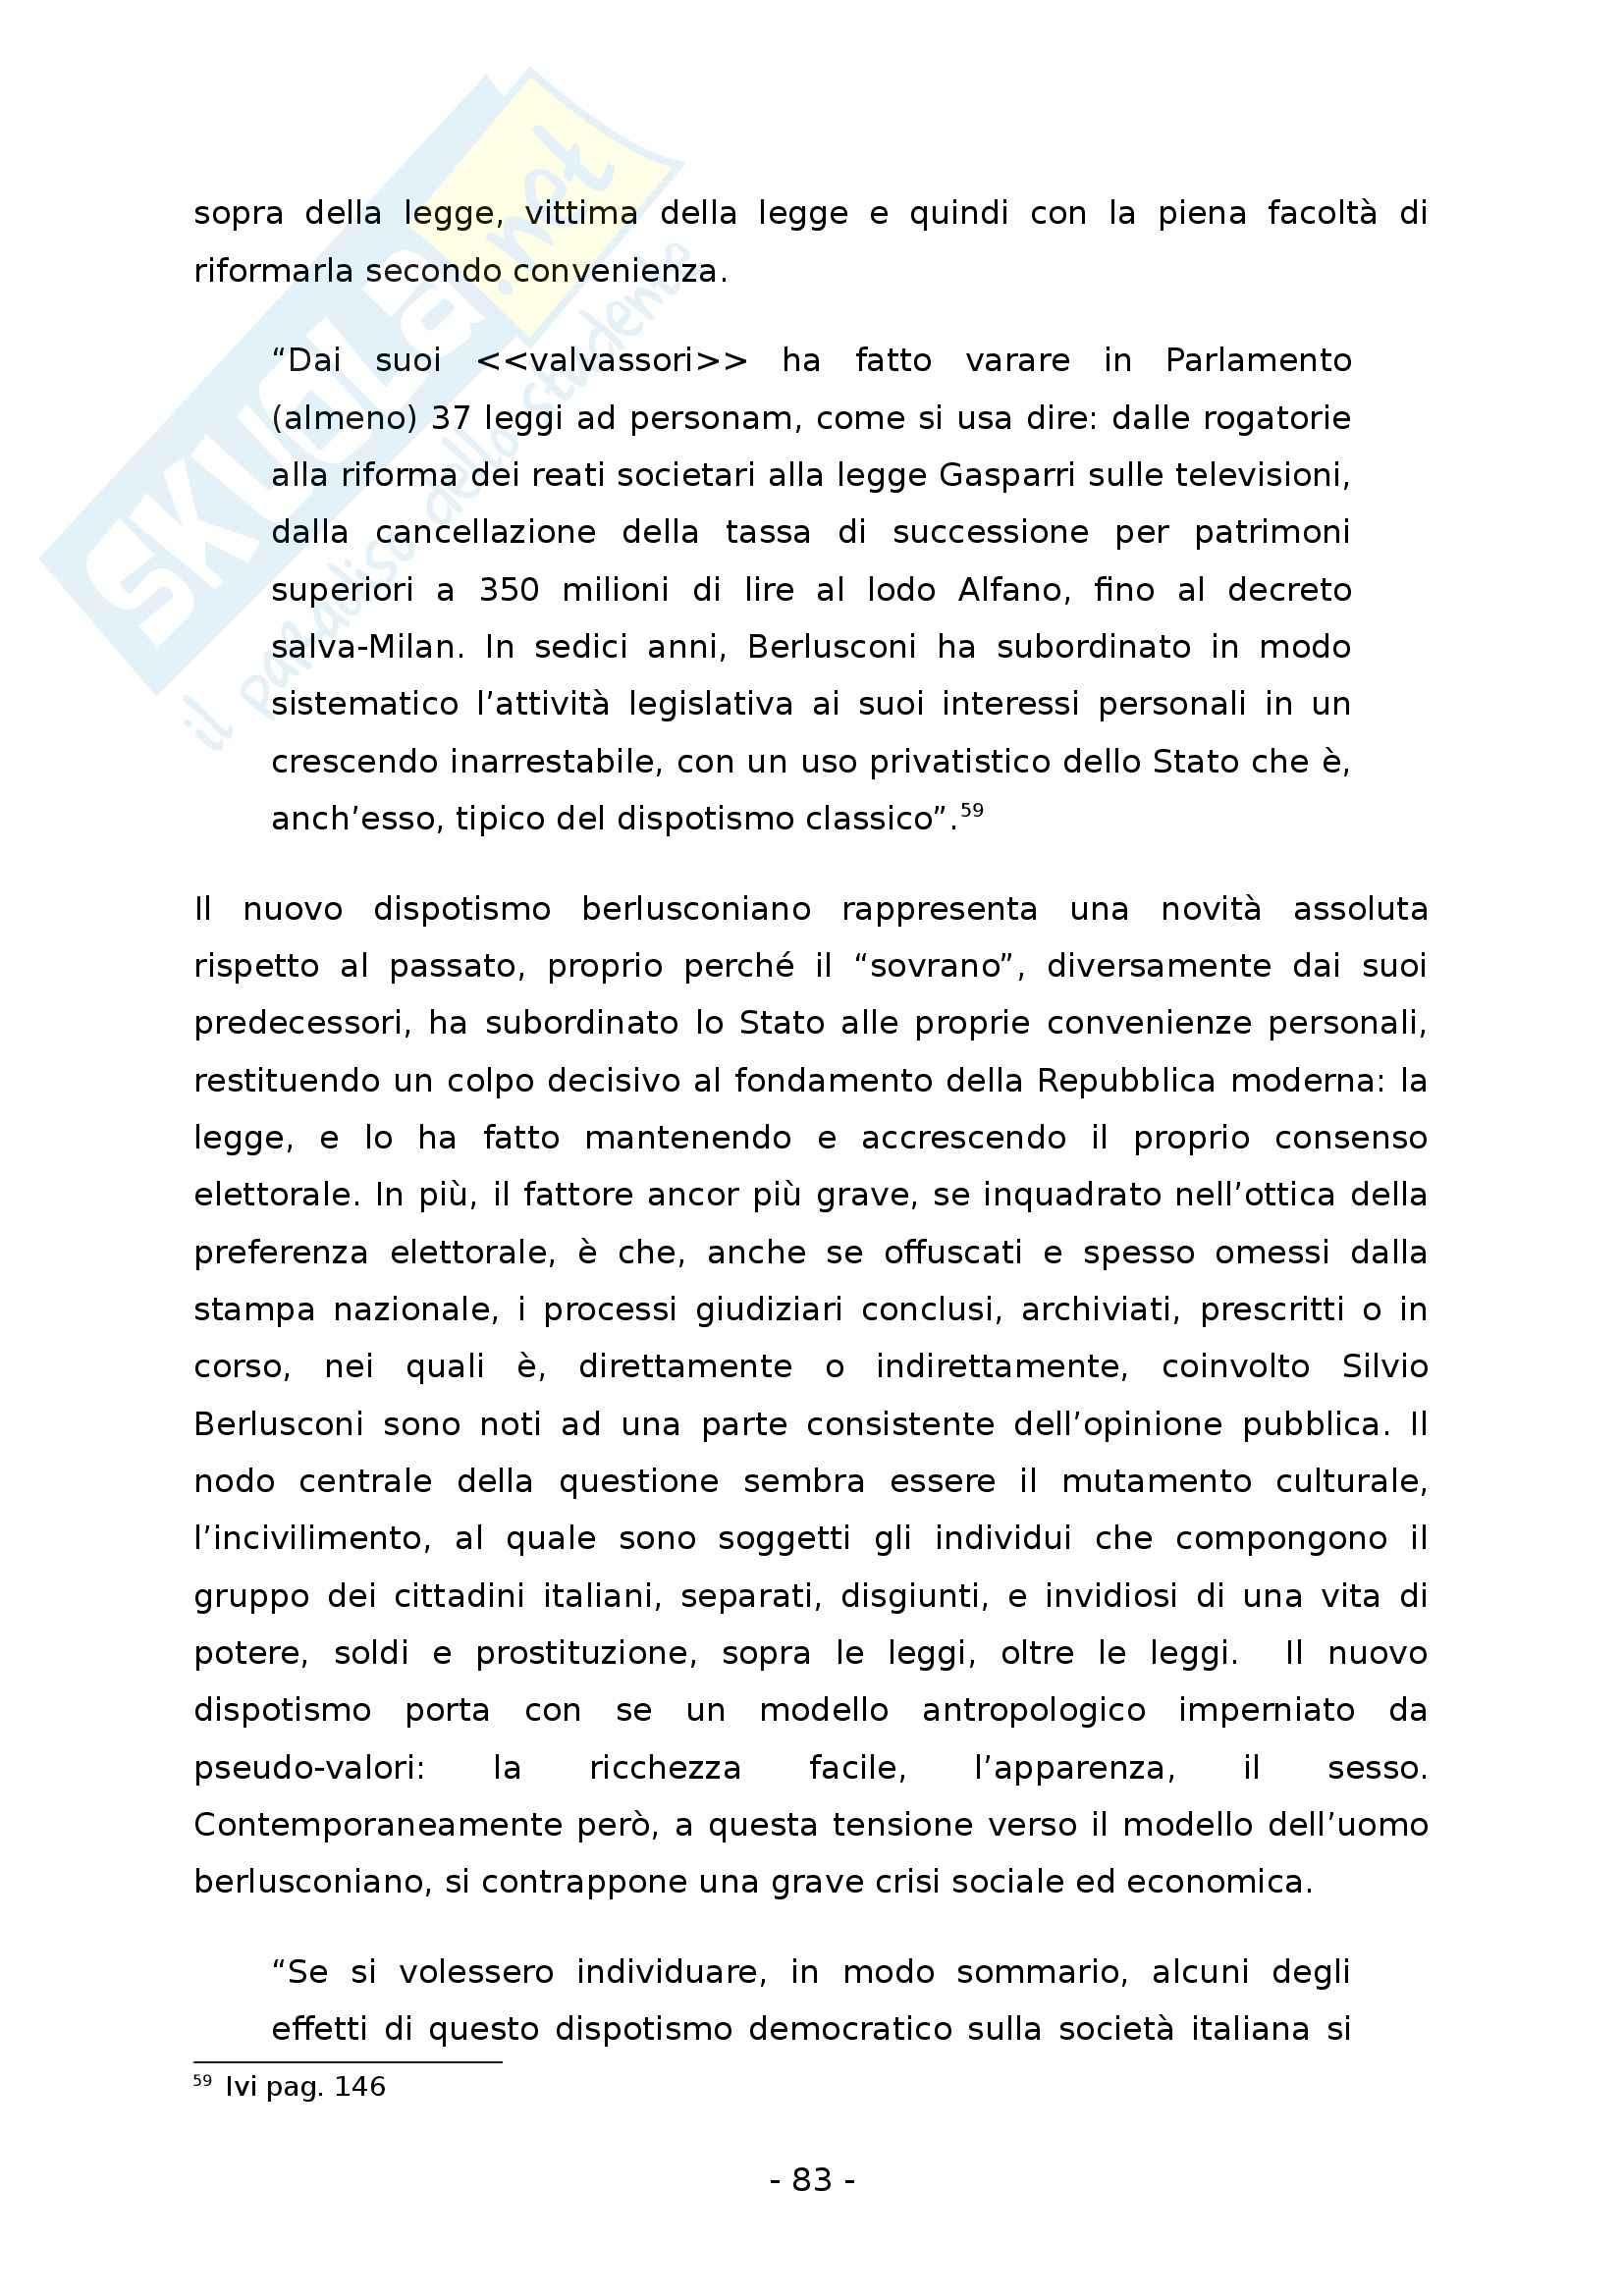 La democrazia rappresentativa. Un regime tra suffragio universale e dispotismo - Tesi Pag. 91